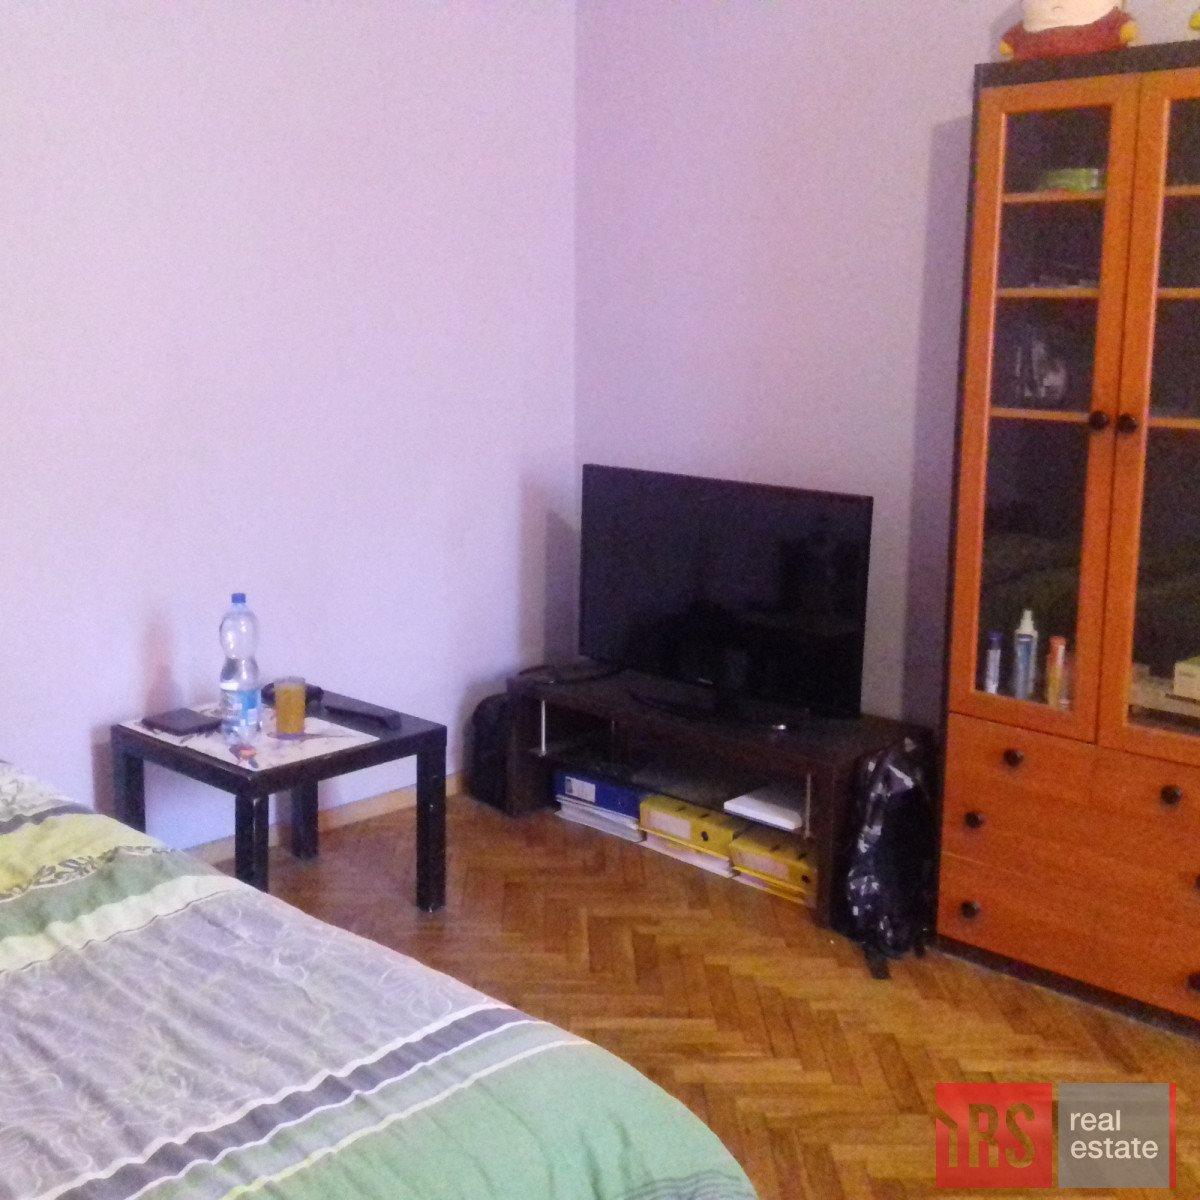 Mieszkanie trzypokojowe na sprzedaż Warszawa, Żoliborz, Zygmunta Krasińskiego  75m2 Foto 5